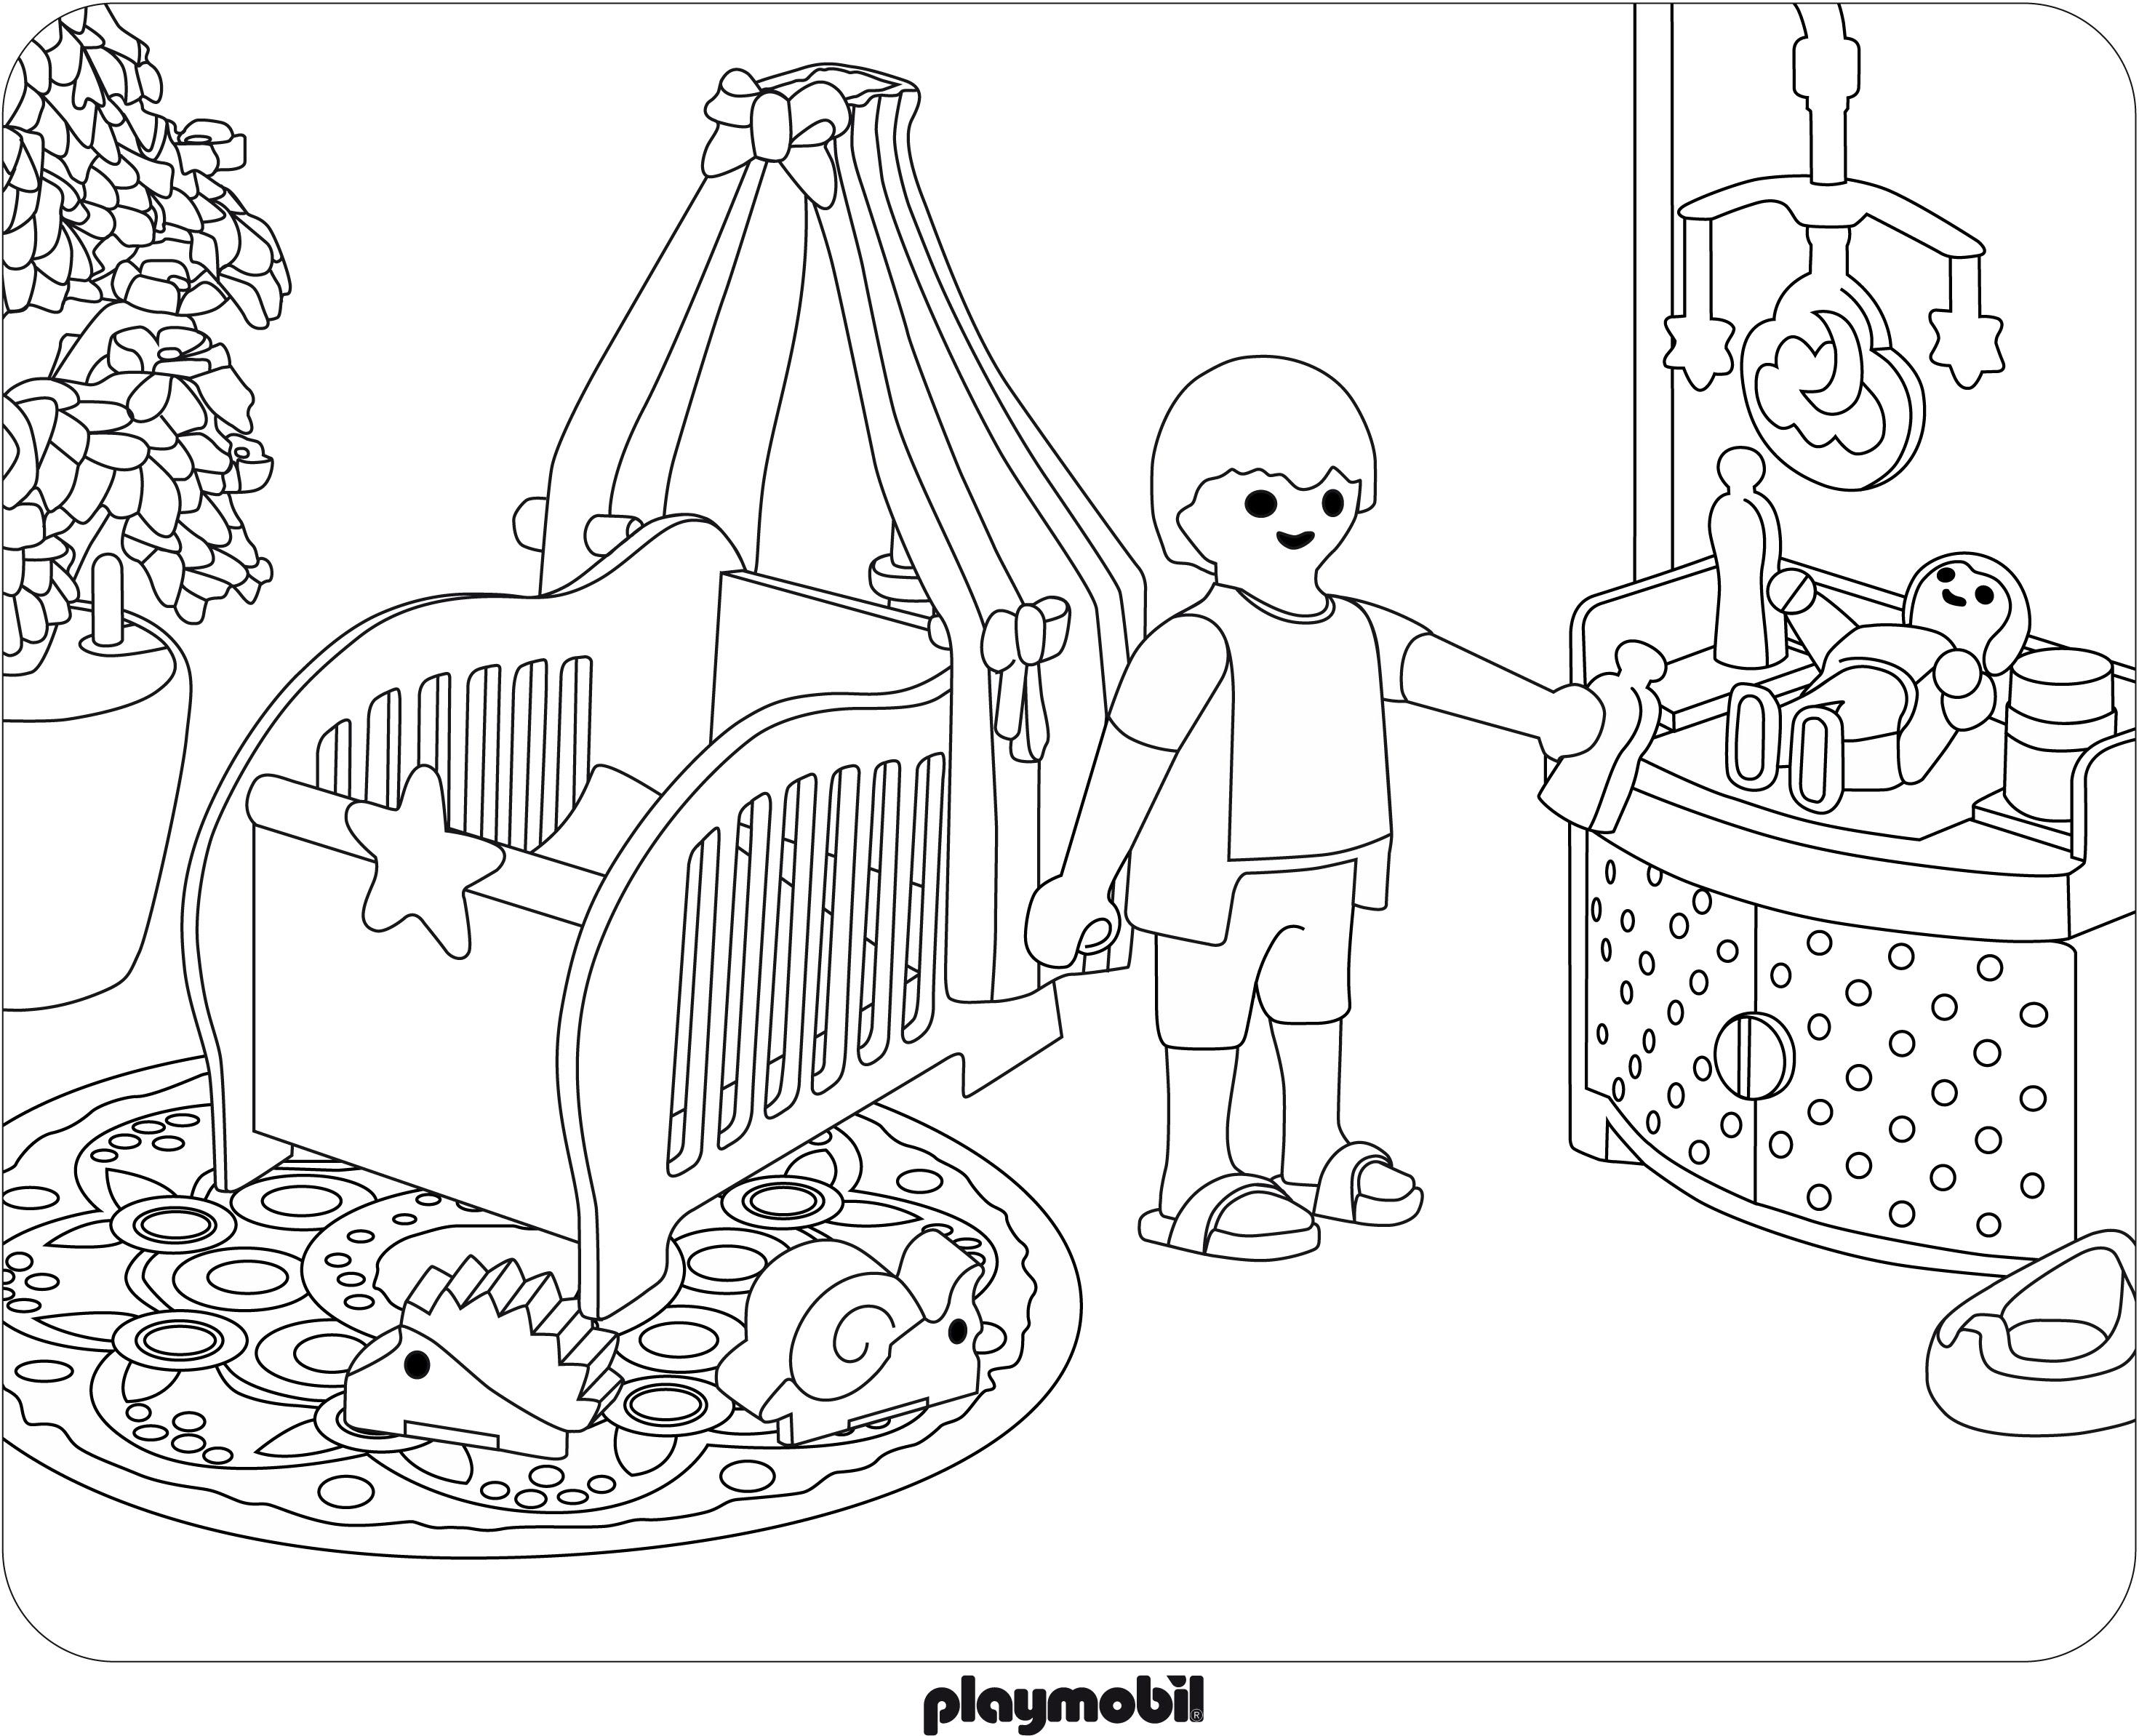 Coloriage Playmobil Jouet à Imprimer